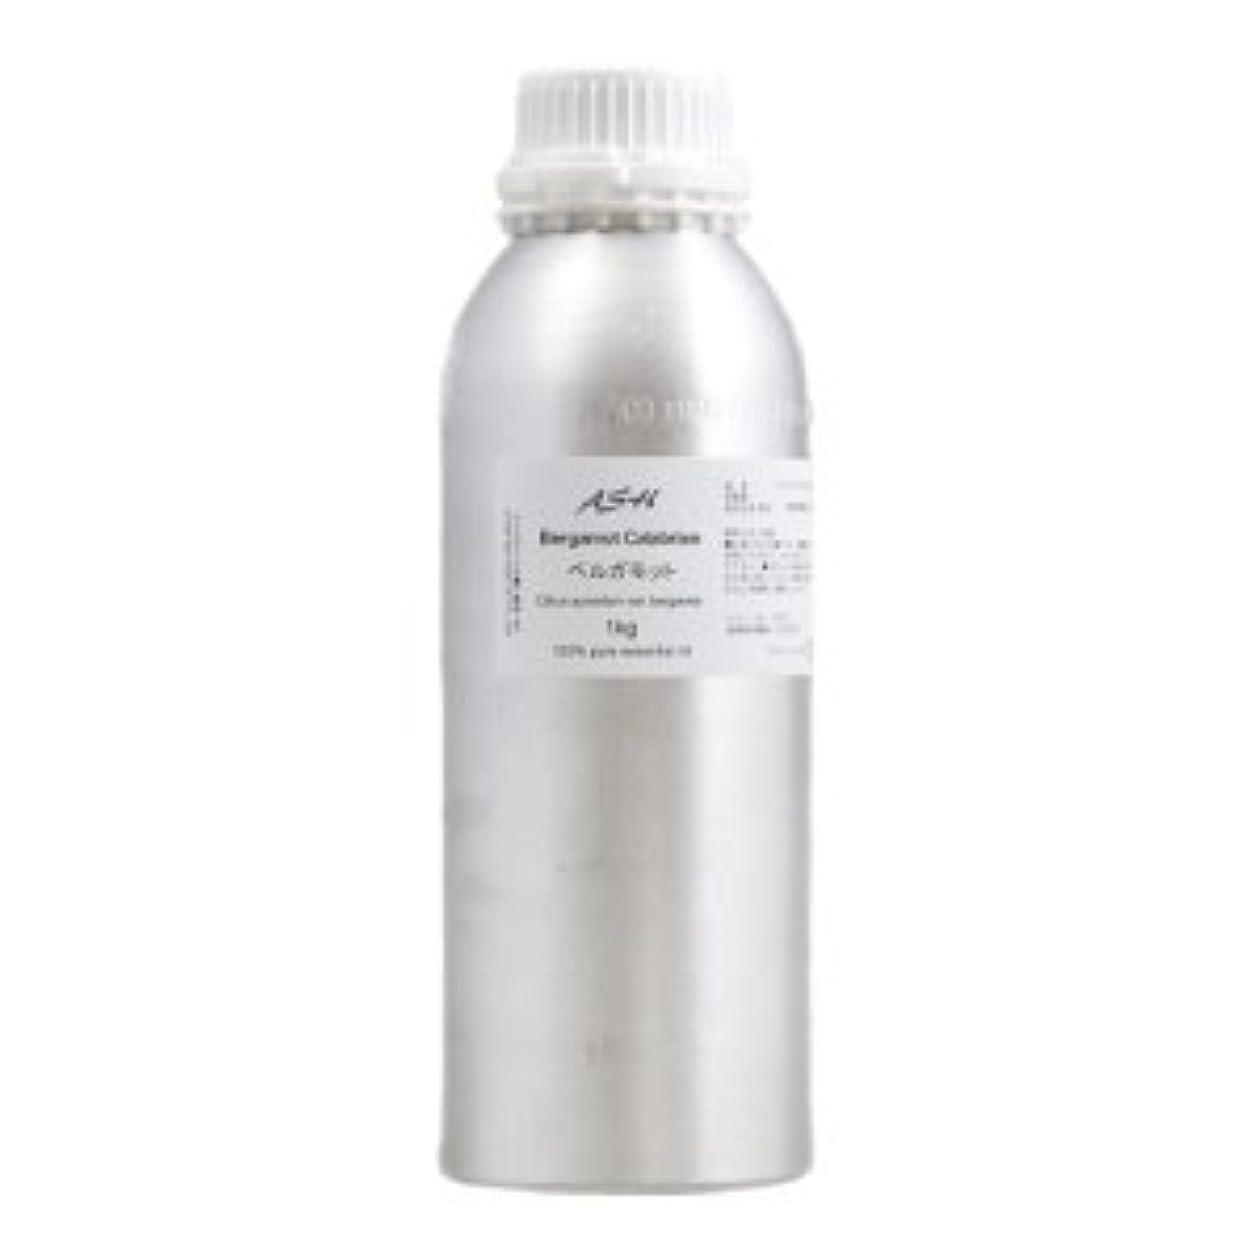 オピエートアルコーブ円形ASH ベルガモット エッセンシャルオイル 業務用1kg AEAJ表示基準適合認定精油